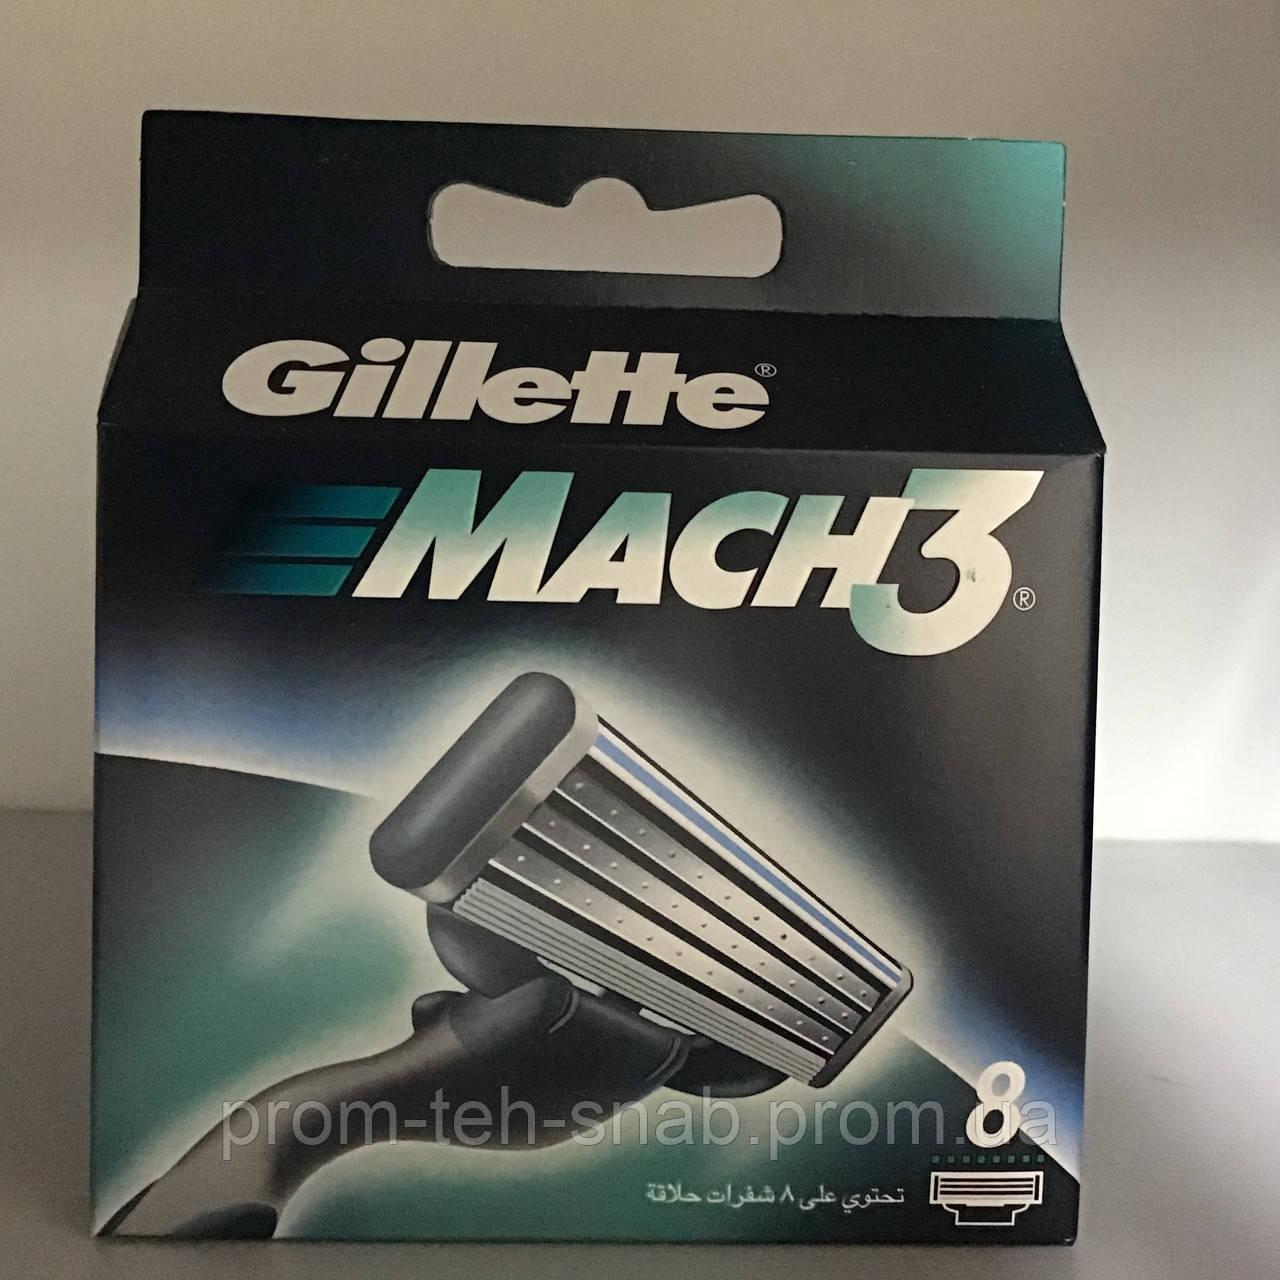 Картриджи Gillette Mach3 Оригинал 8 шт в уп. производство Германия